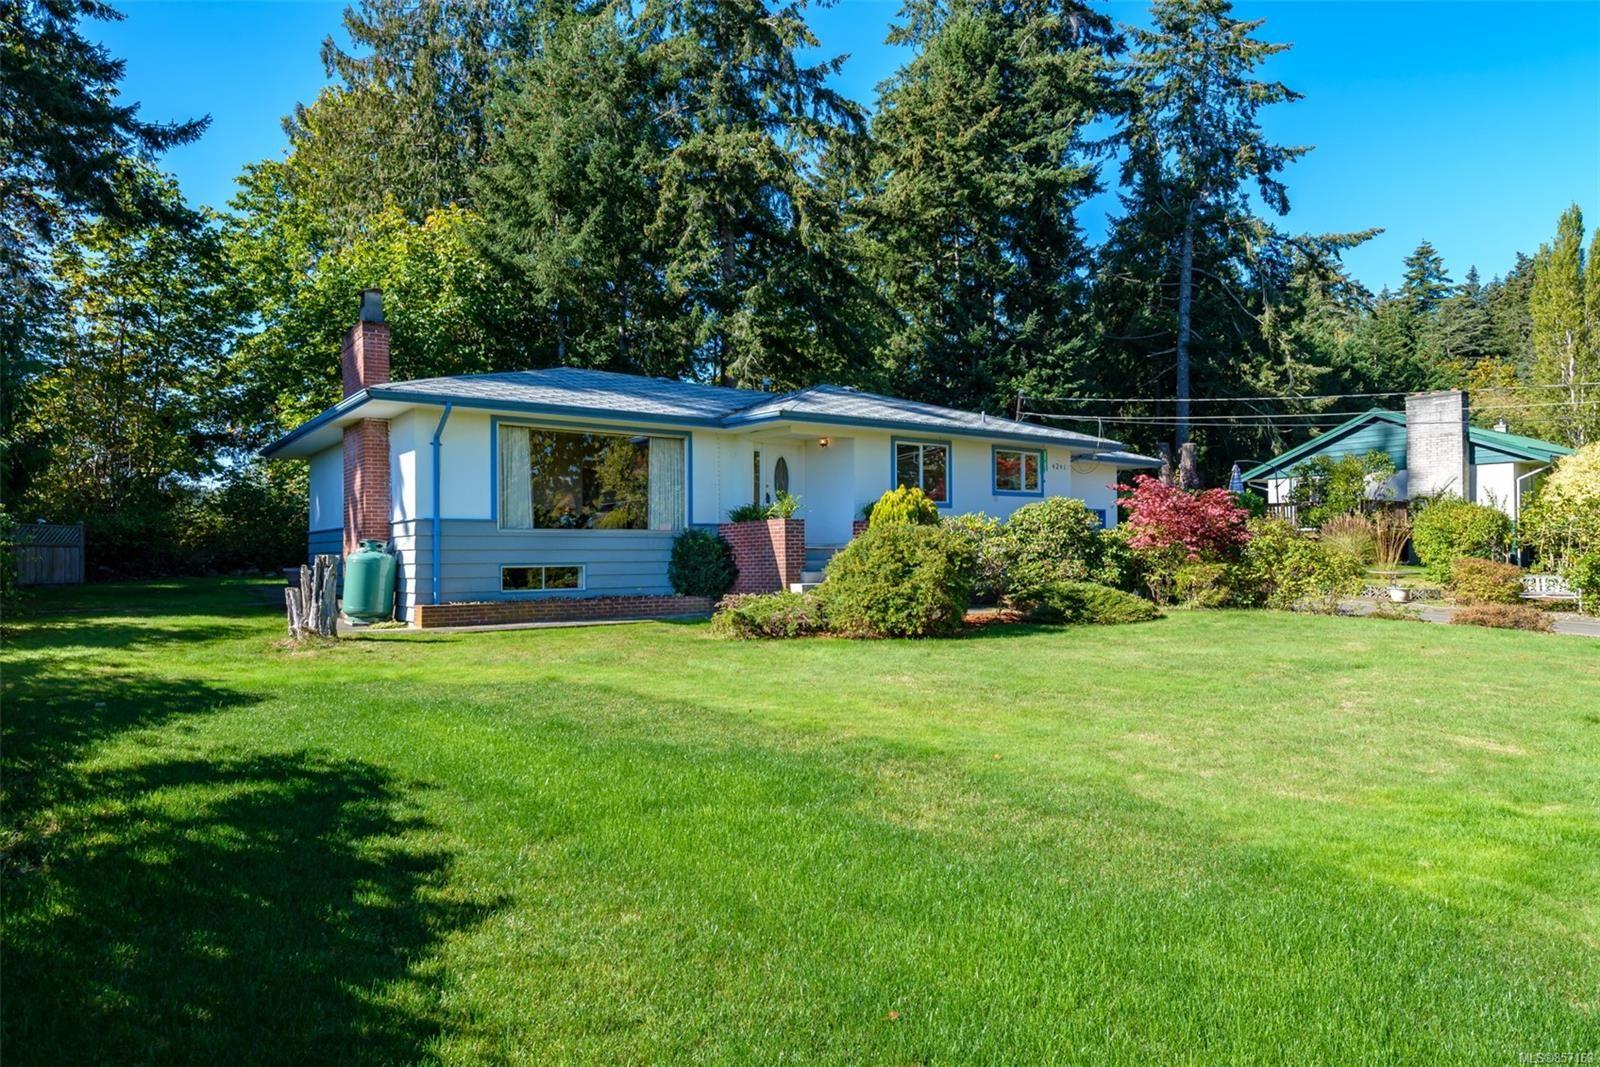 Photo 57: Photos: 4241 Buddington Rd in : CV Courtenay South House for sale (Comox Valley)  : MLS®# 857163